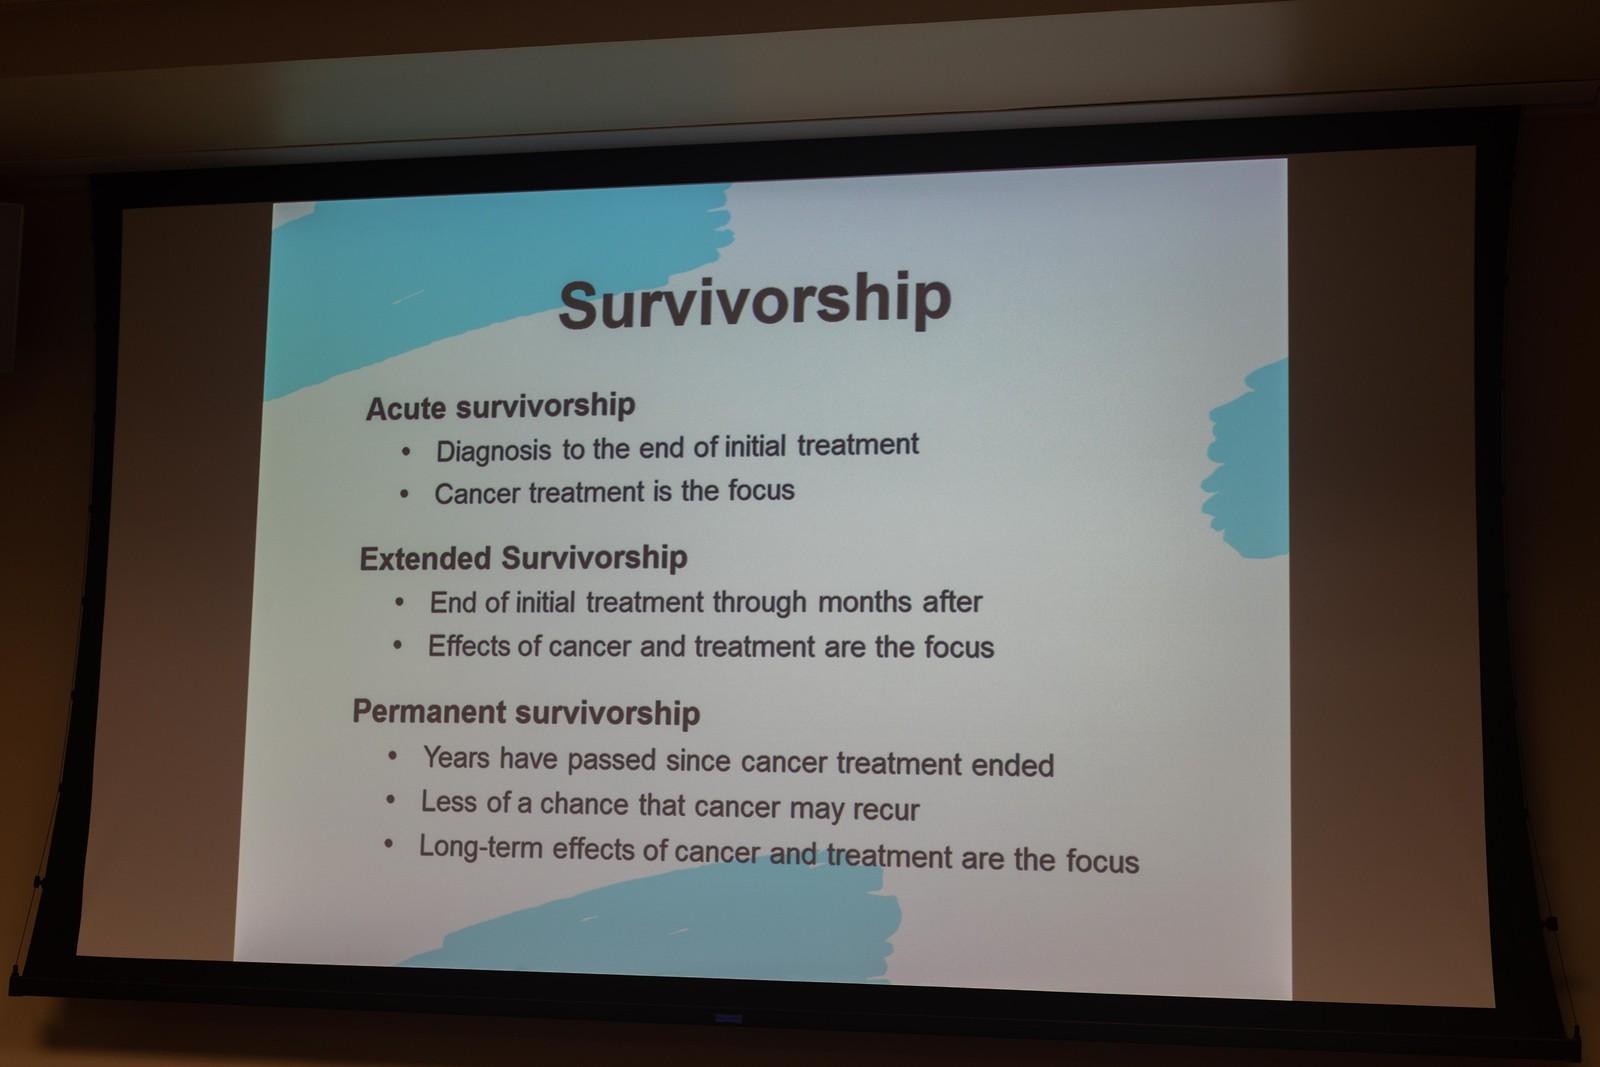 2019 survivors summit